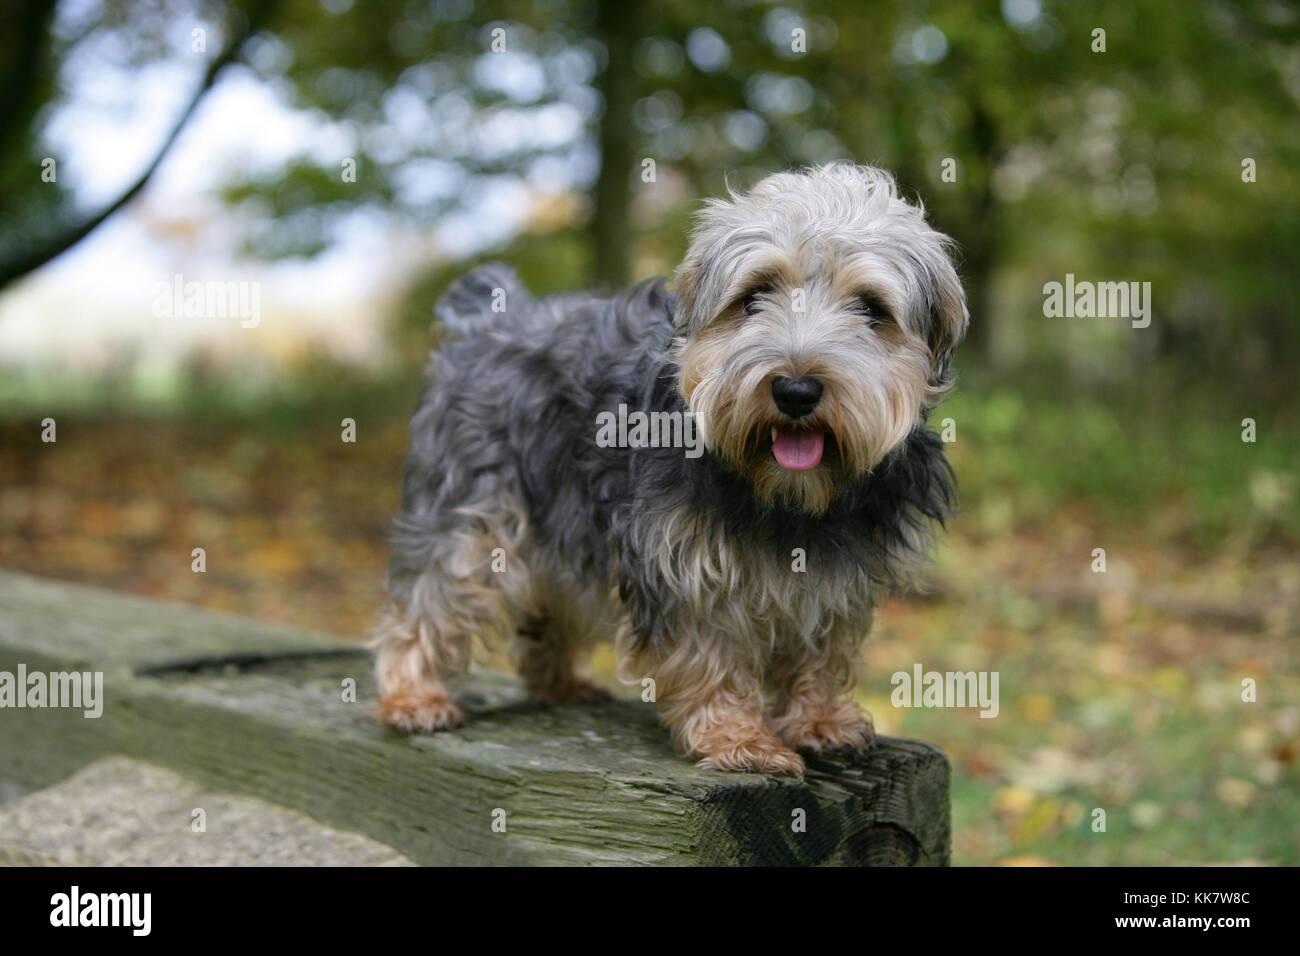 Terrier - Lucas Lucas terrier stehend Stockbild